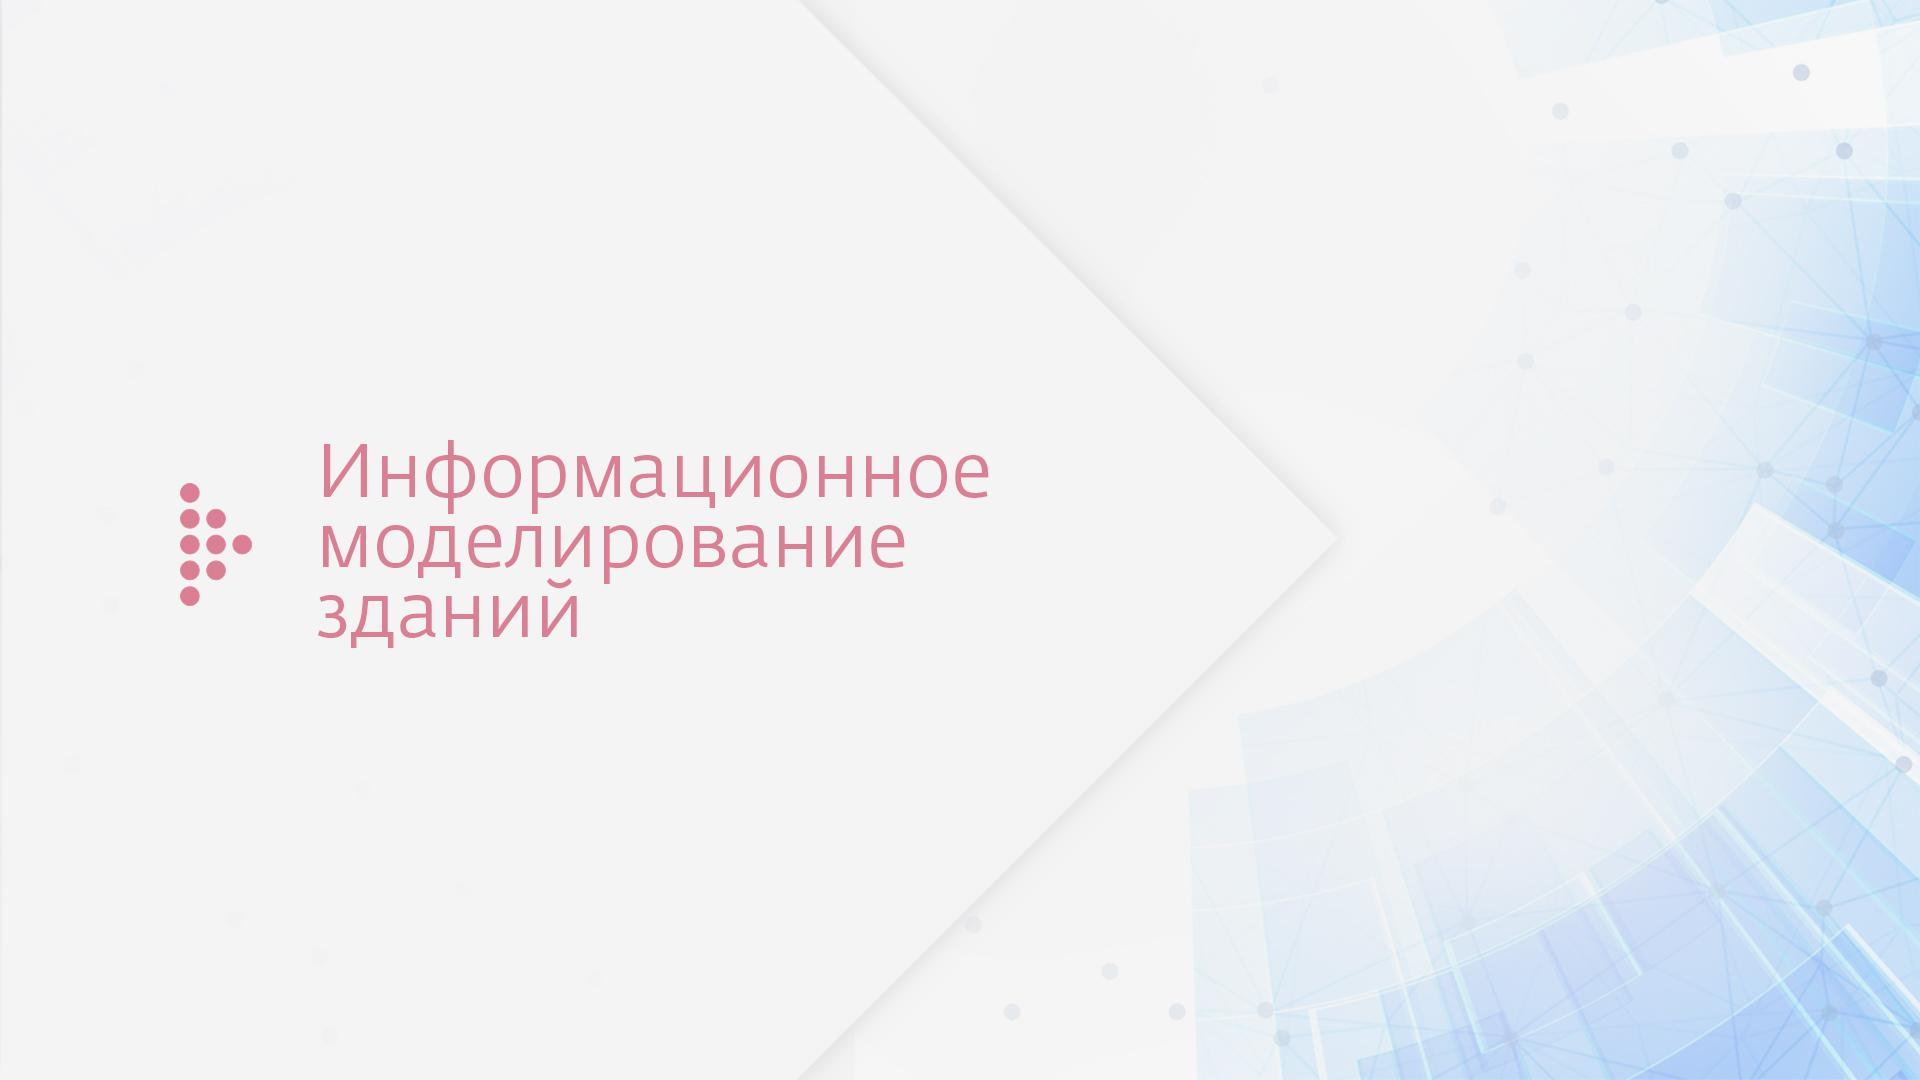 Course Image Информационное моделирование зданий